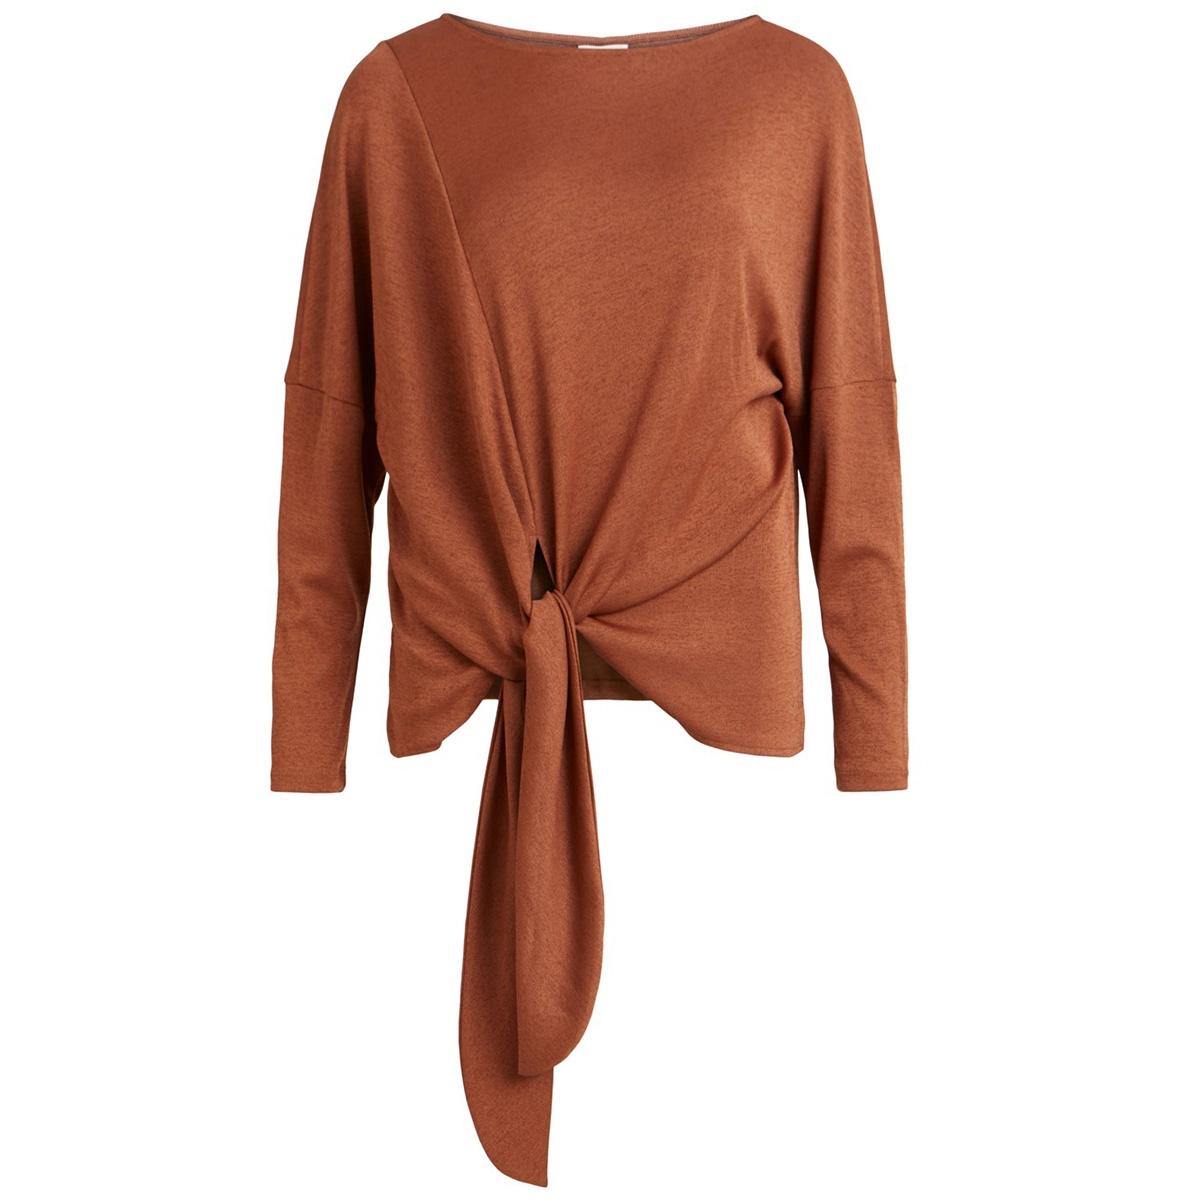 vinamina l/s t-shirt/l 14057223 vila t-shirt caramel café